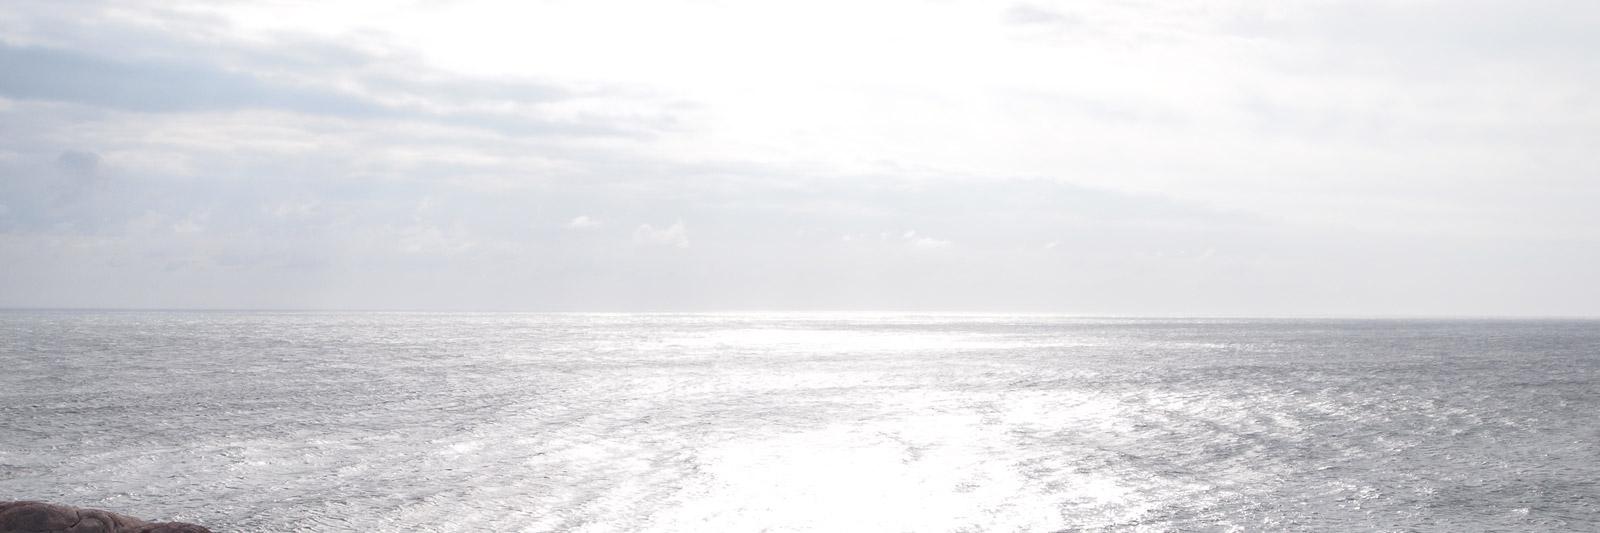 Heilkunst Vlcek - Das Meer